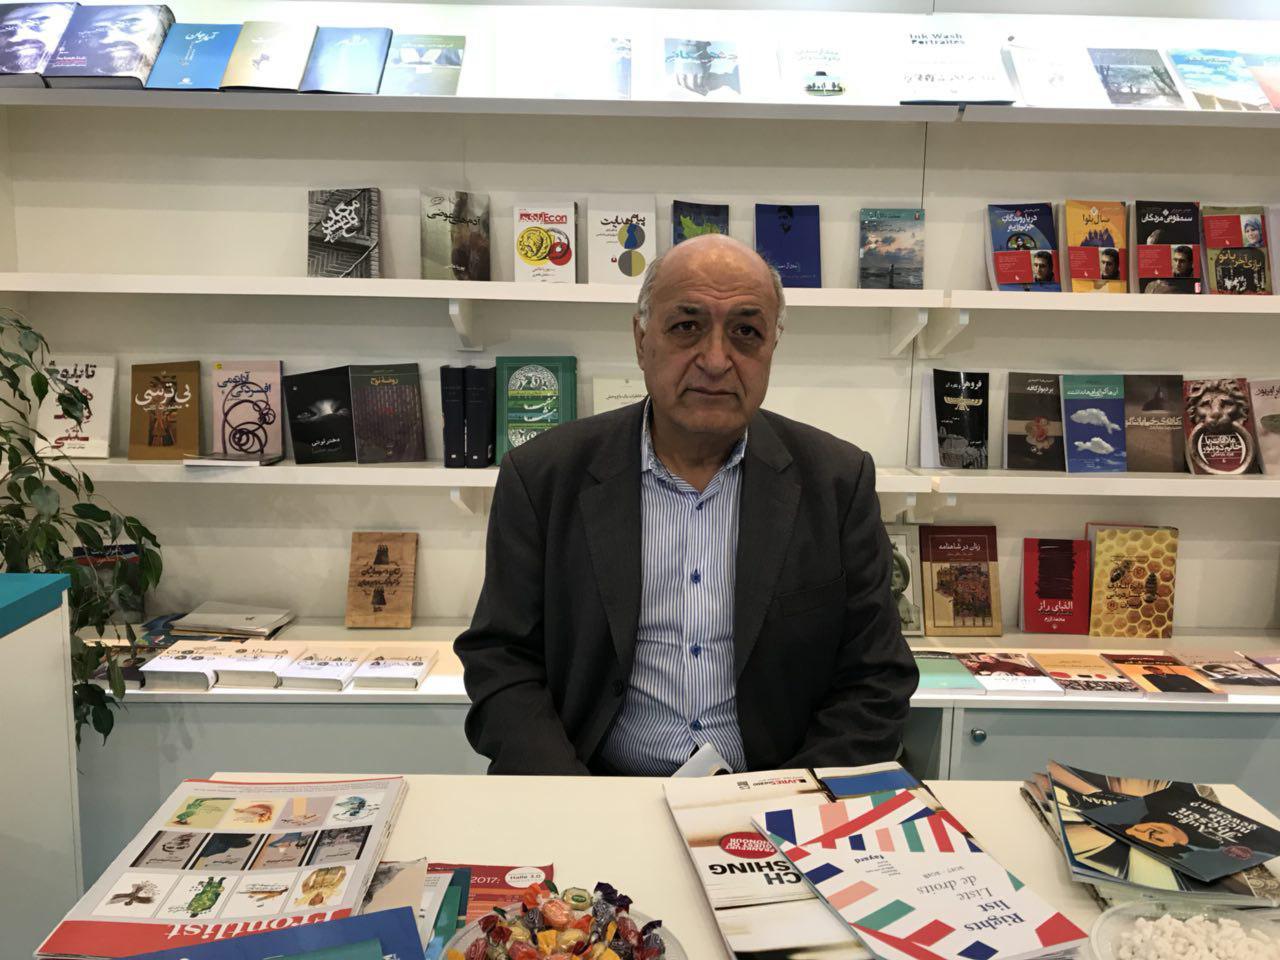 آموزگار بر لزوم پیگیری مذاکرات انجام گرفته در نمایشگاه فرانکفورت تاکید کرد